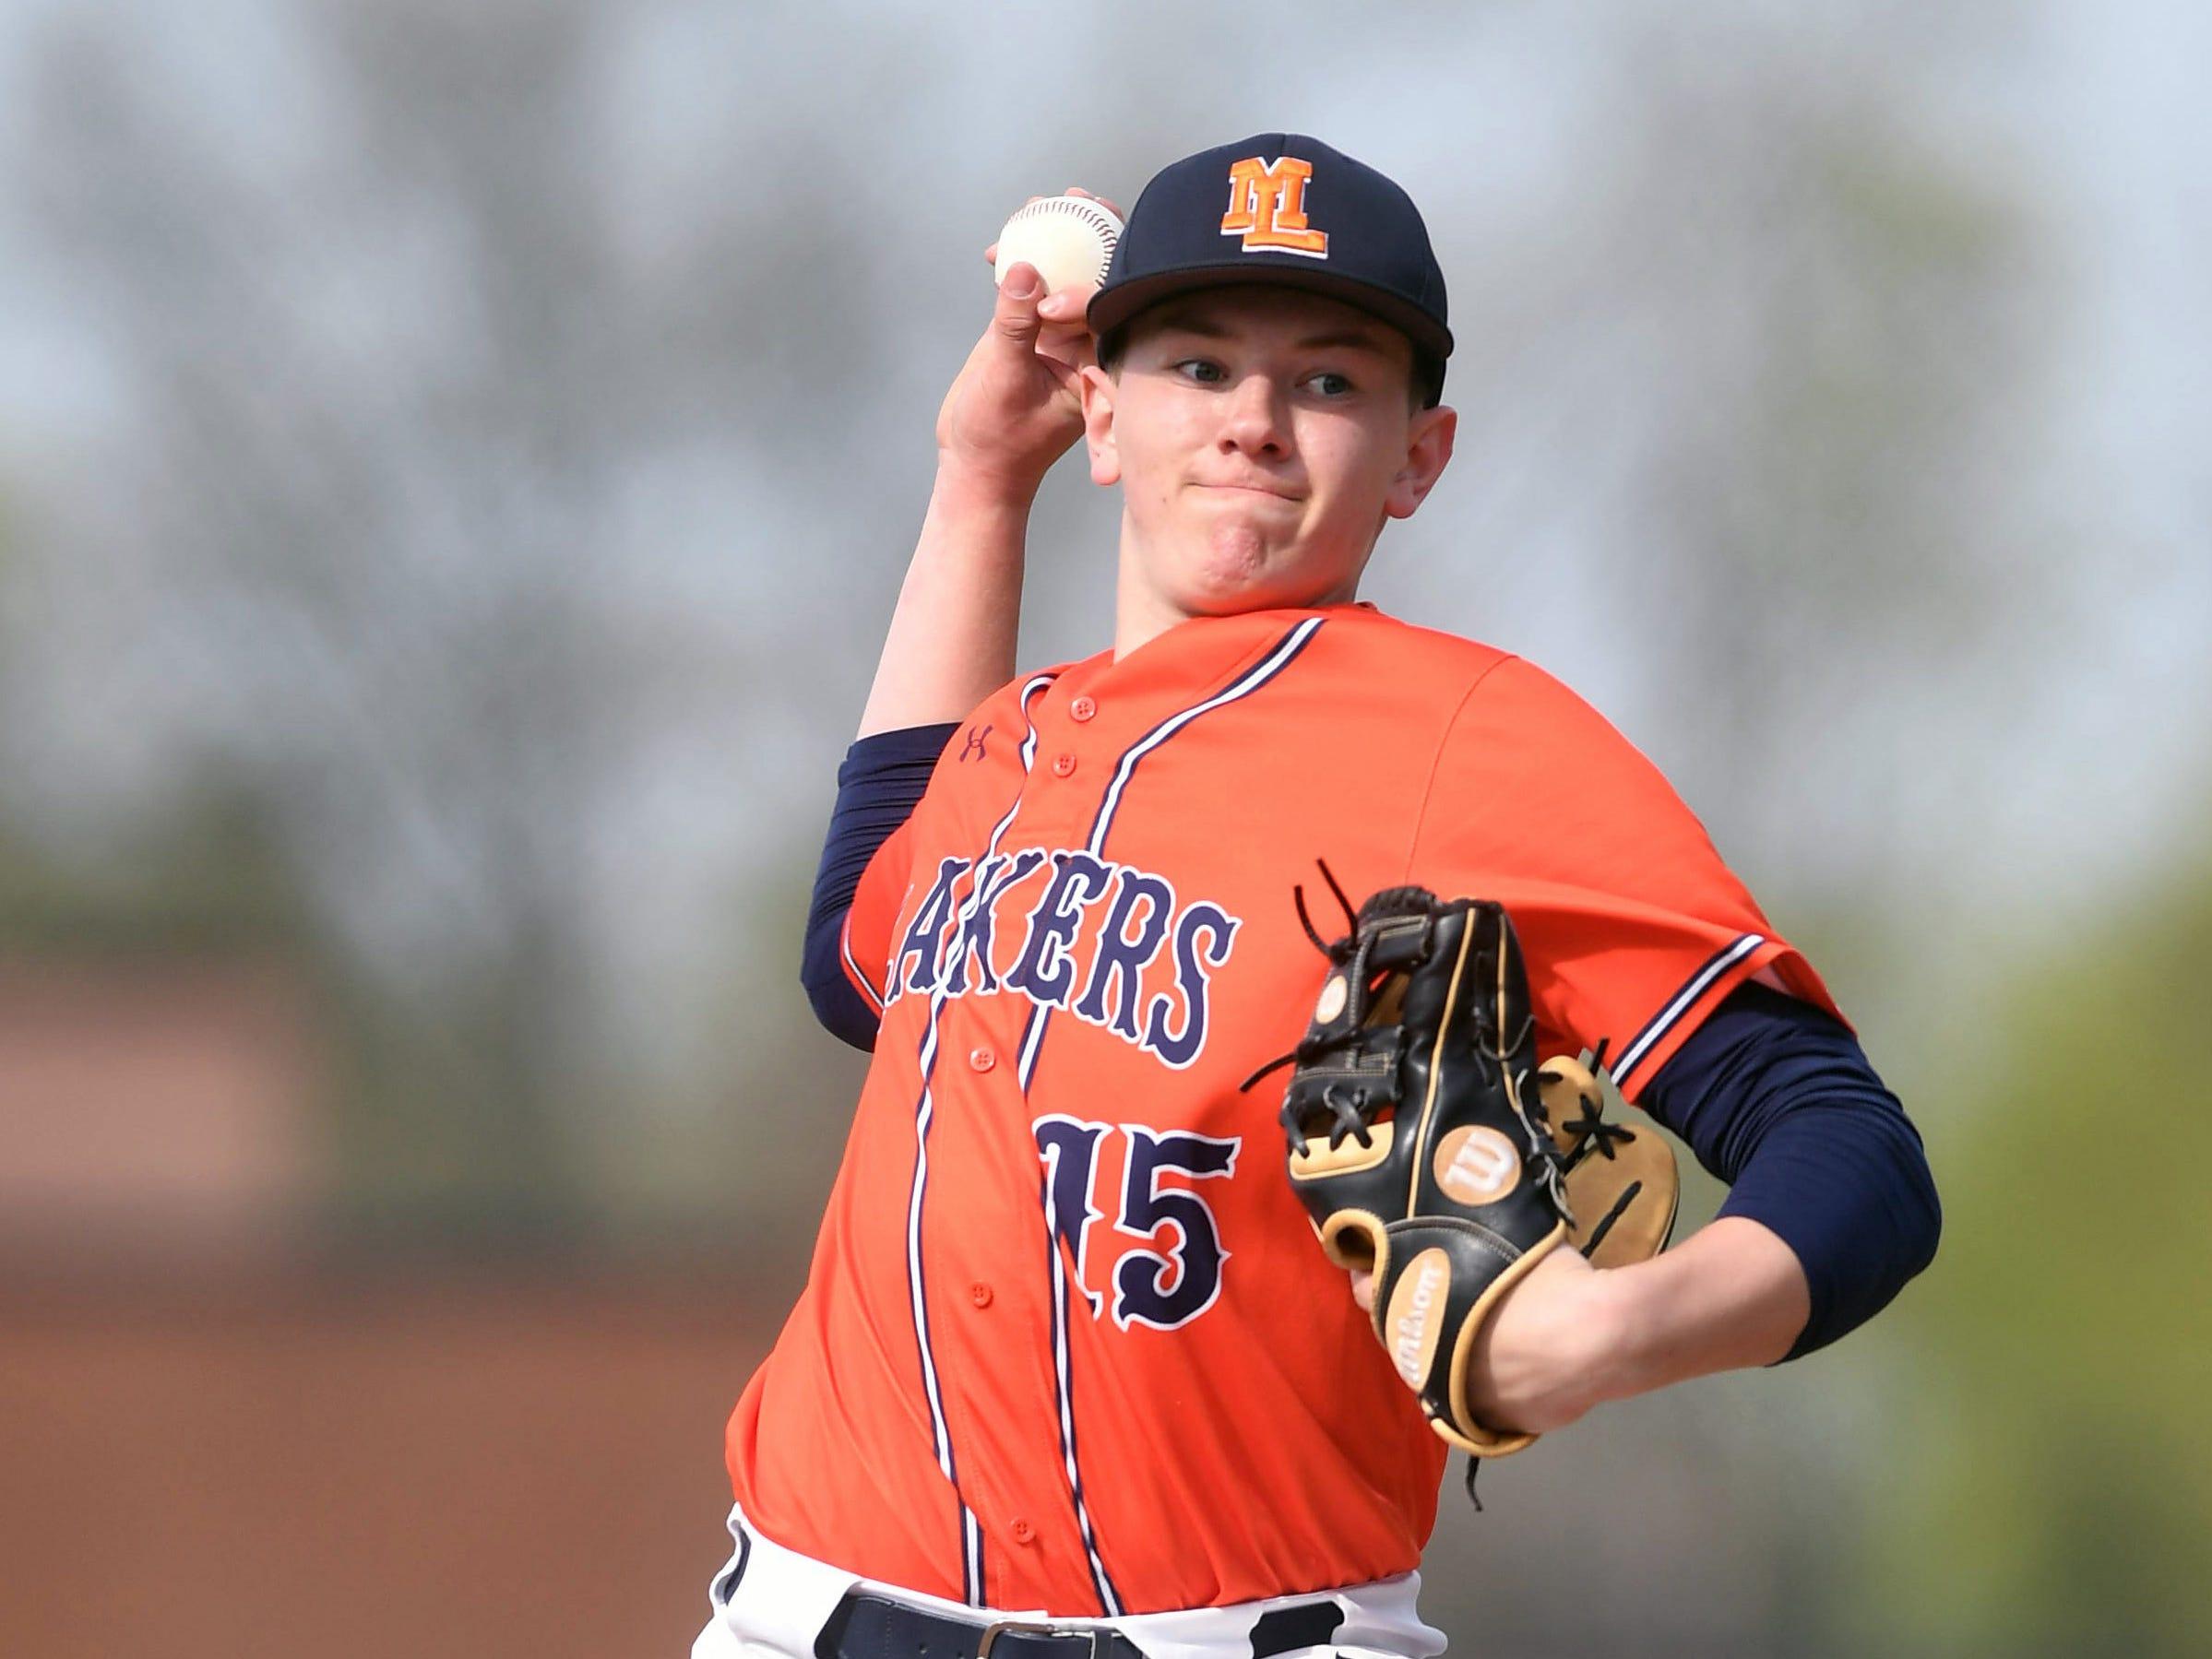 Mountain Lakes baseball at Chatham on Thursday, April 18, 2019. Mountain Lakes pitcher Matt Shuhet allowed one base runner on a walk Thursday.